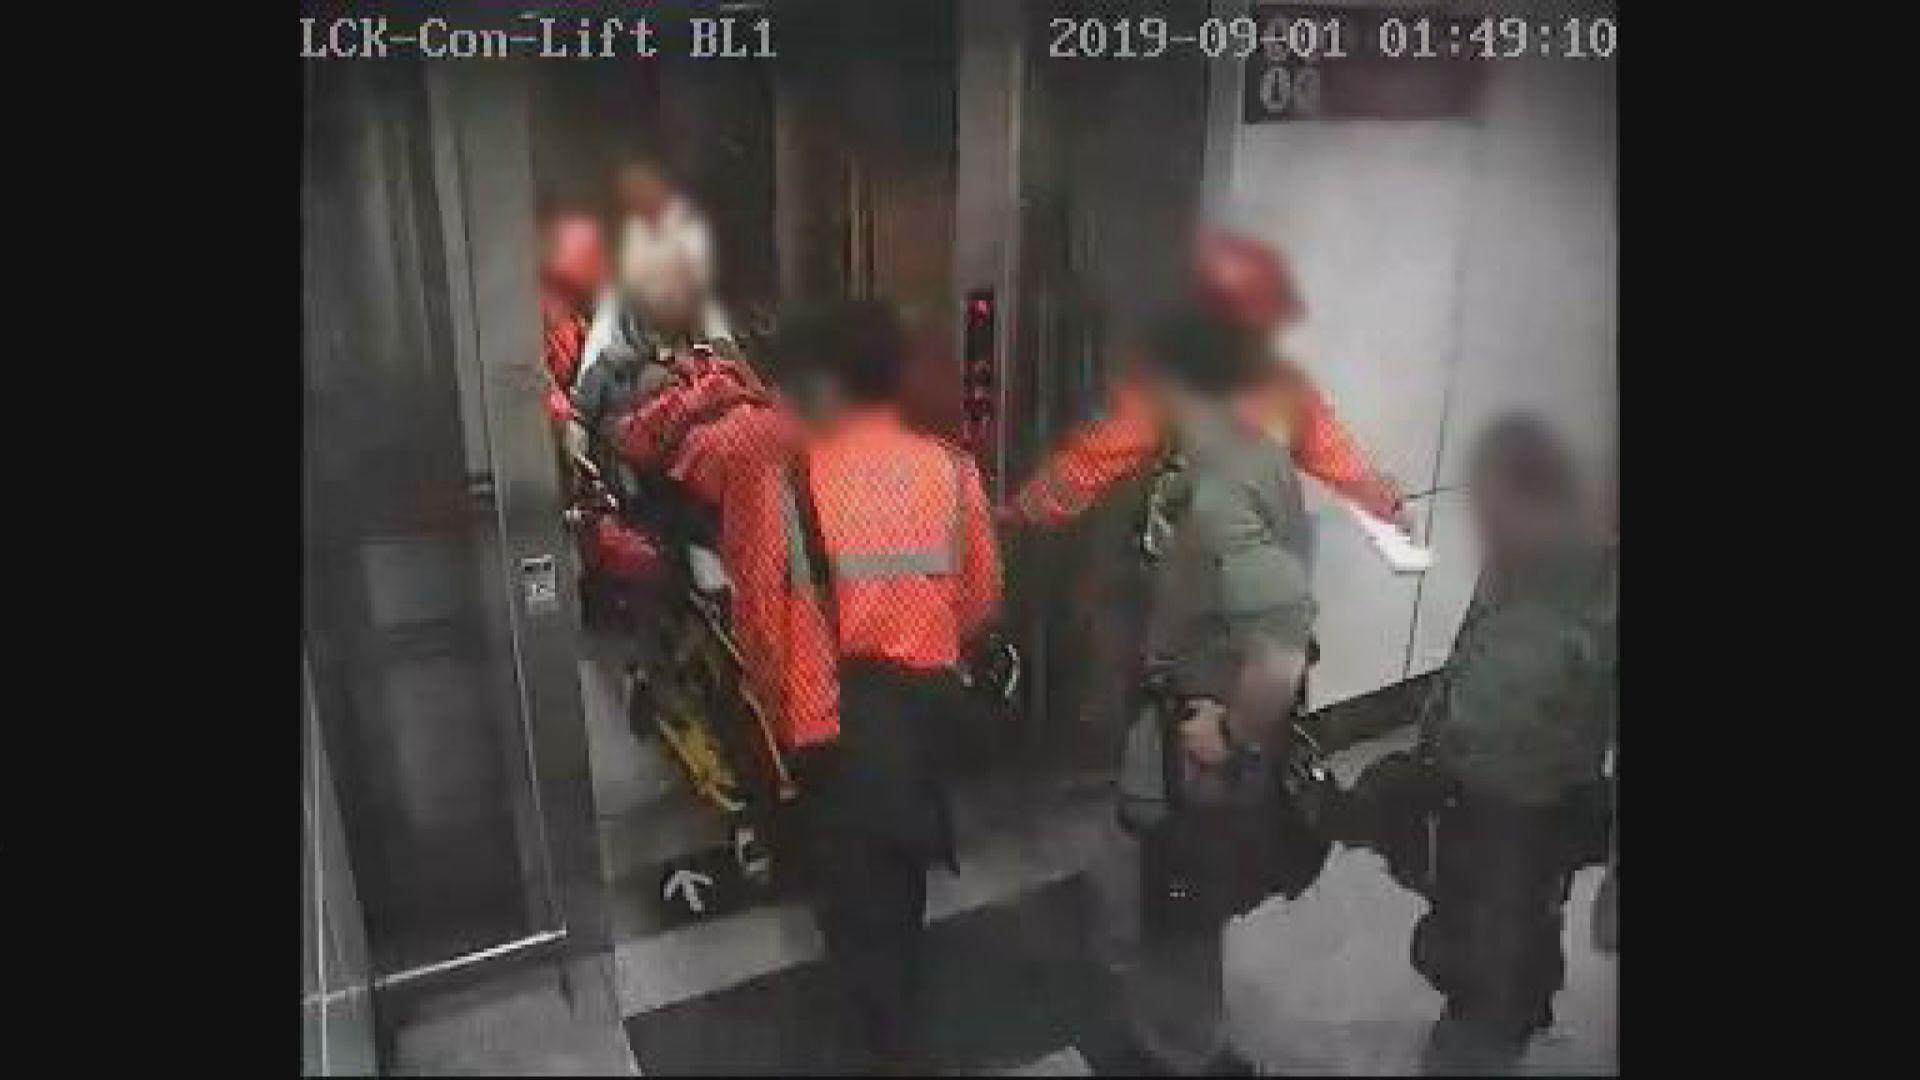 港鐵:太子站三部閉路電視塗污故片段不齊全